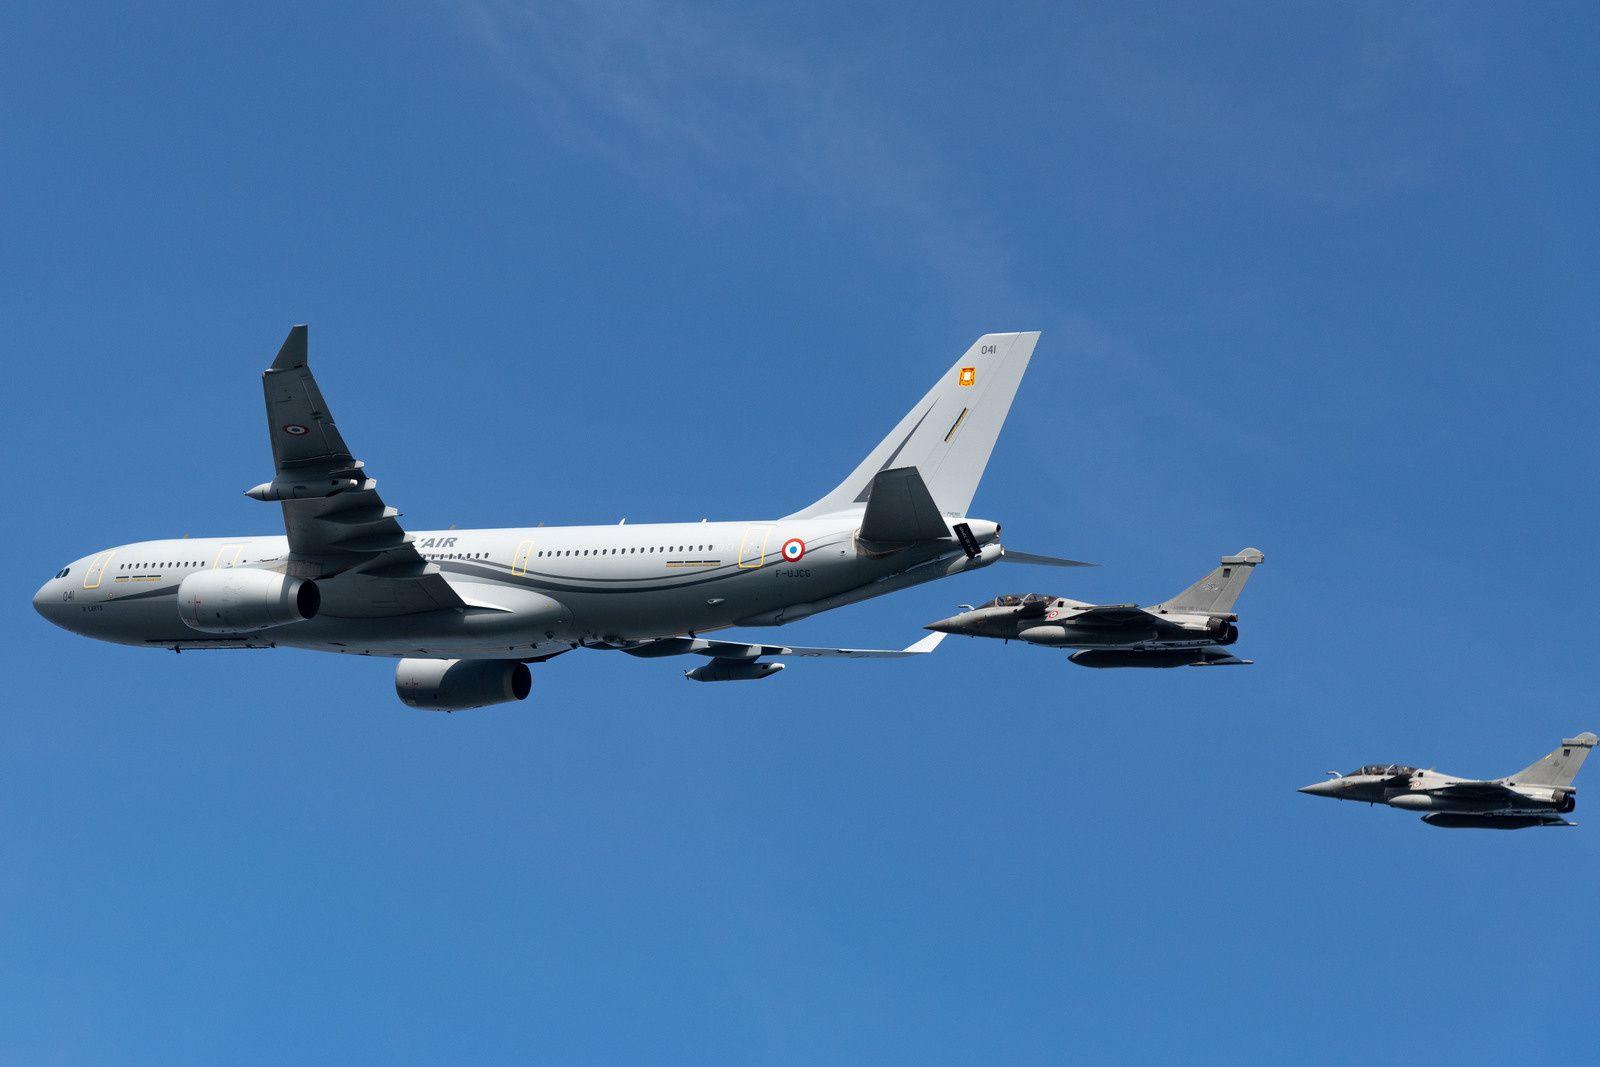 © Armée de l'Air - Une partie de l'actuelle composante Air de la dissuasion nucléaire, avec ici un A330 MRTT Phénix et deux Rafale B.